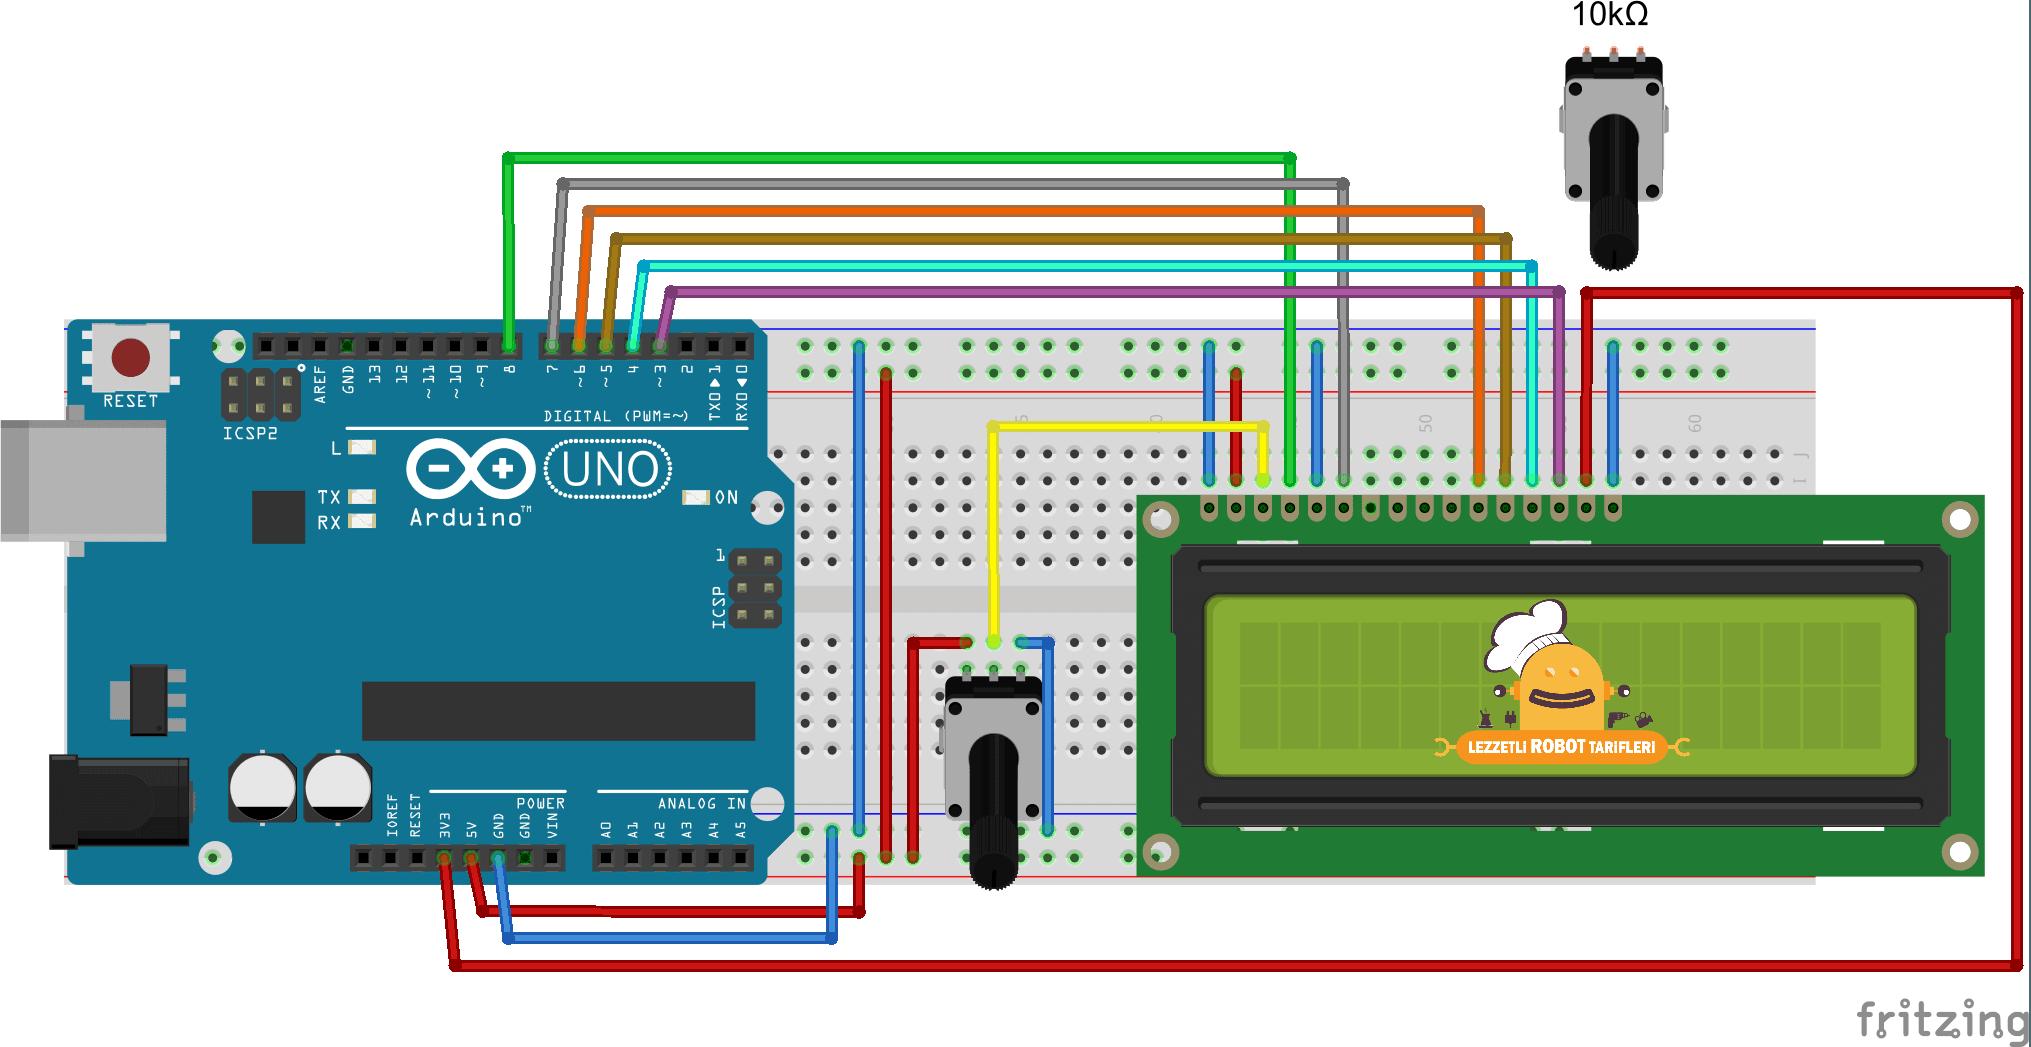 2x16 LCD Ekran ve Arduino #1 devre şeması